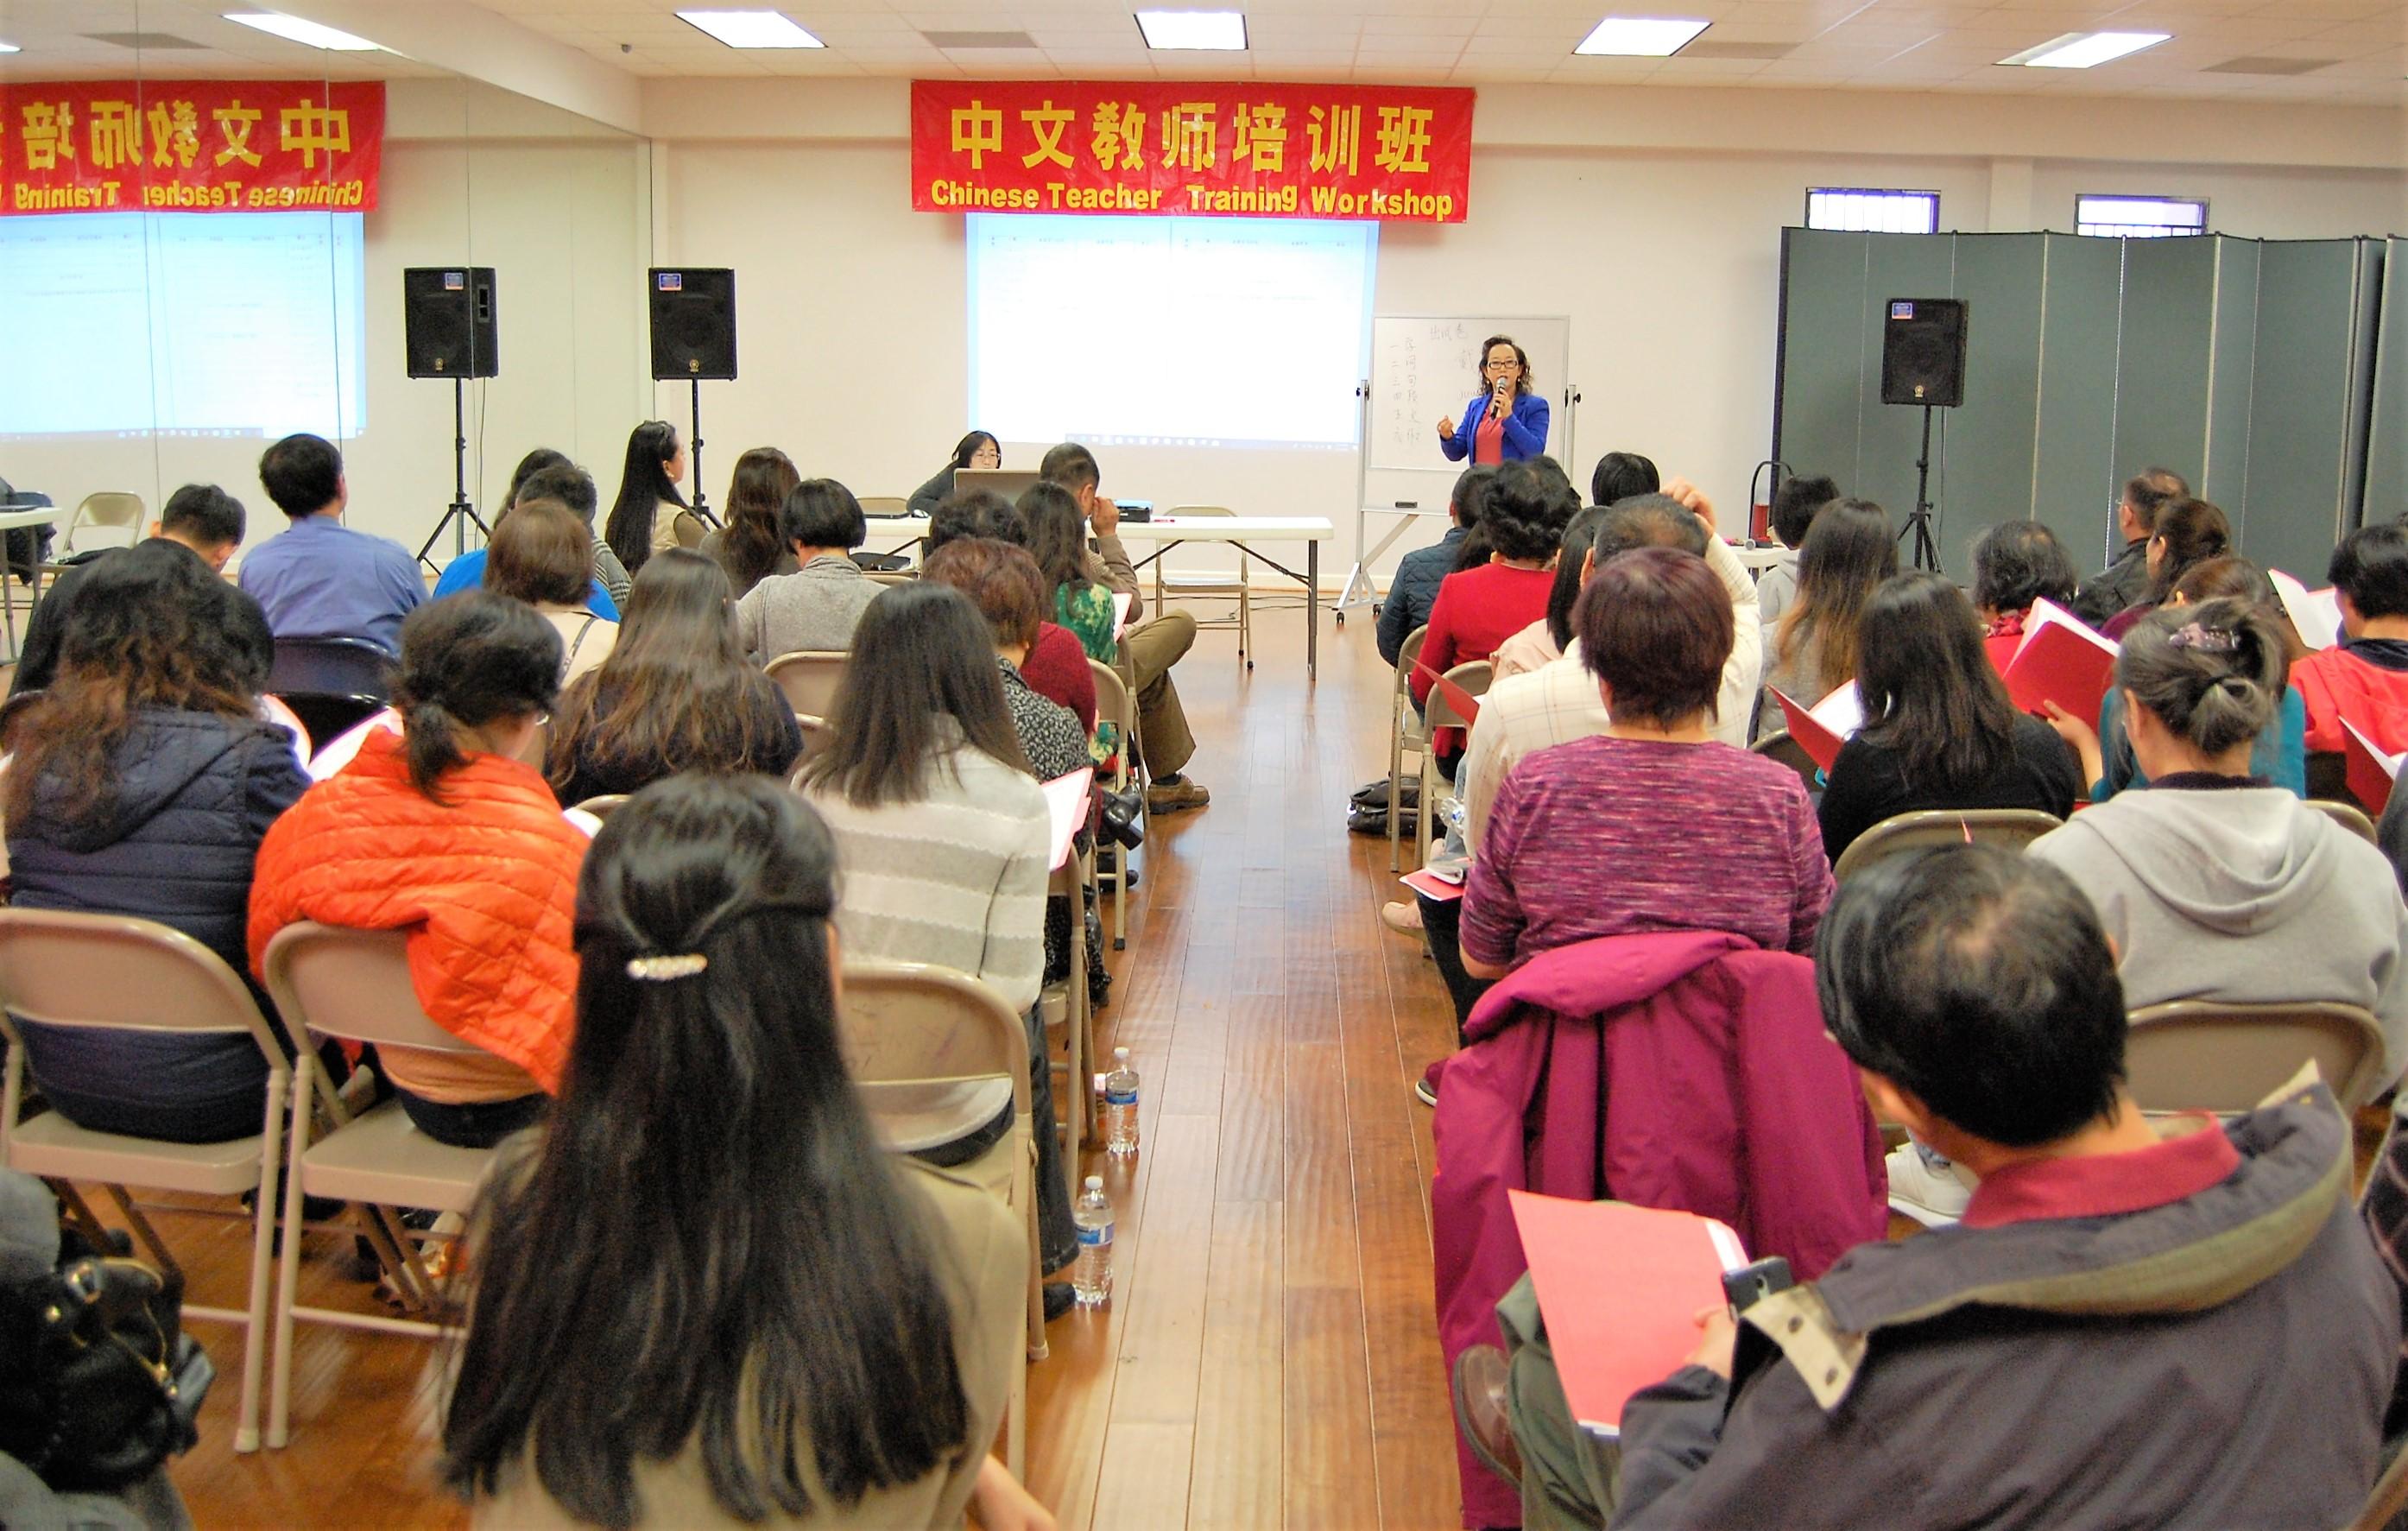 今年1月華夏中文學校舉辦教師培訓。(記者賈忠╱攝影)